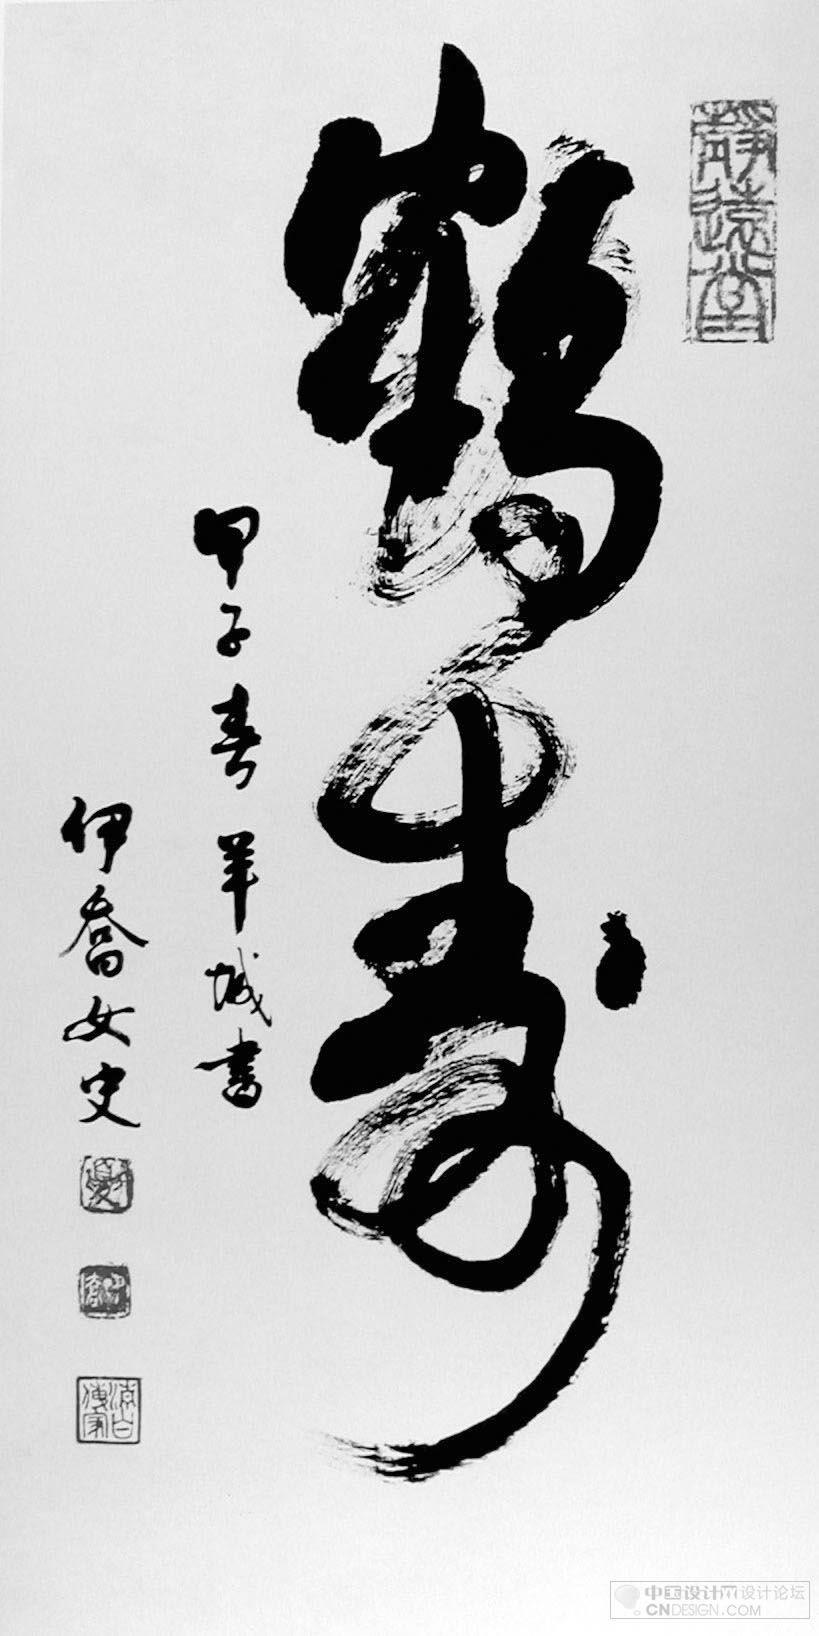 鹤寿- 艺术字体_艺术字体设计_字体下载_中国书法字体